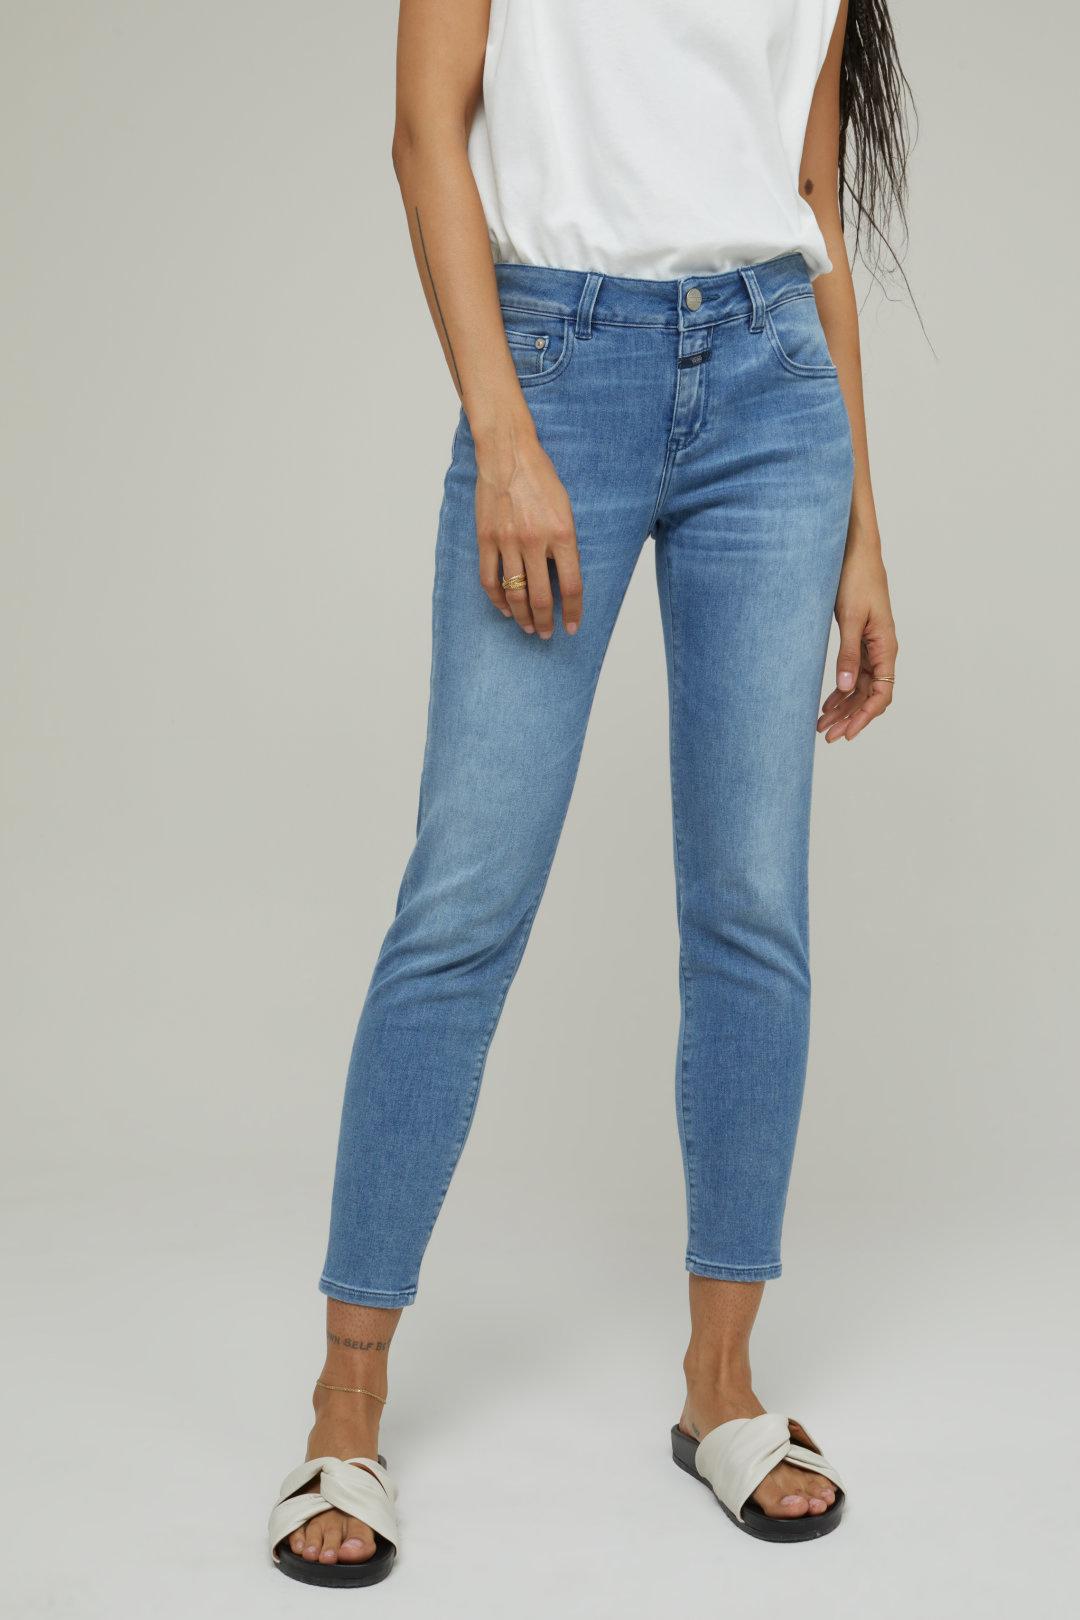 Closed Jeans C91833 06E 33-1